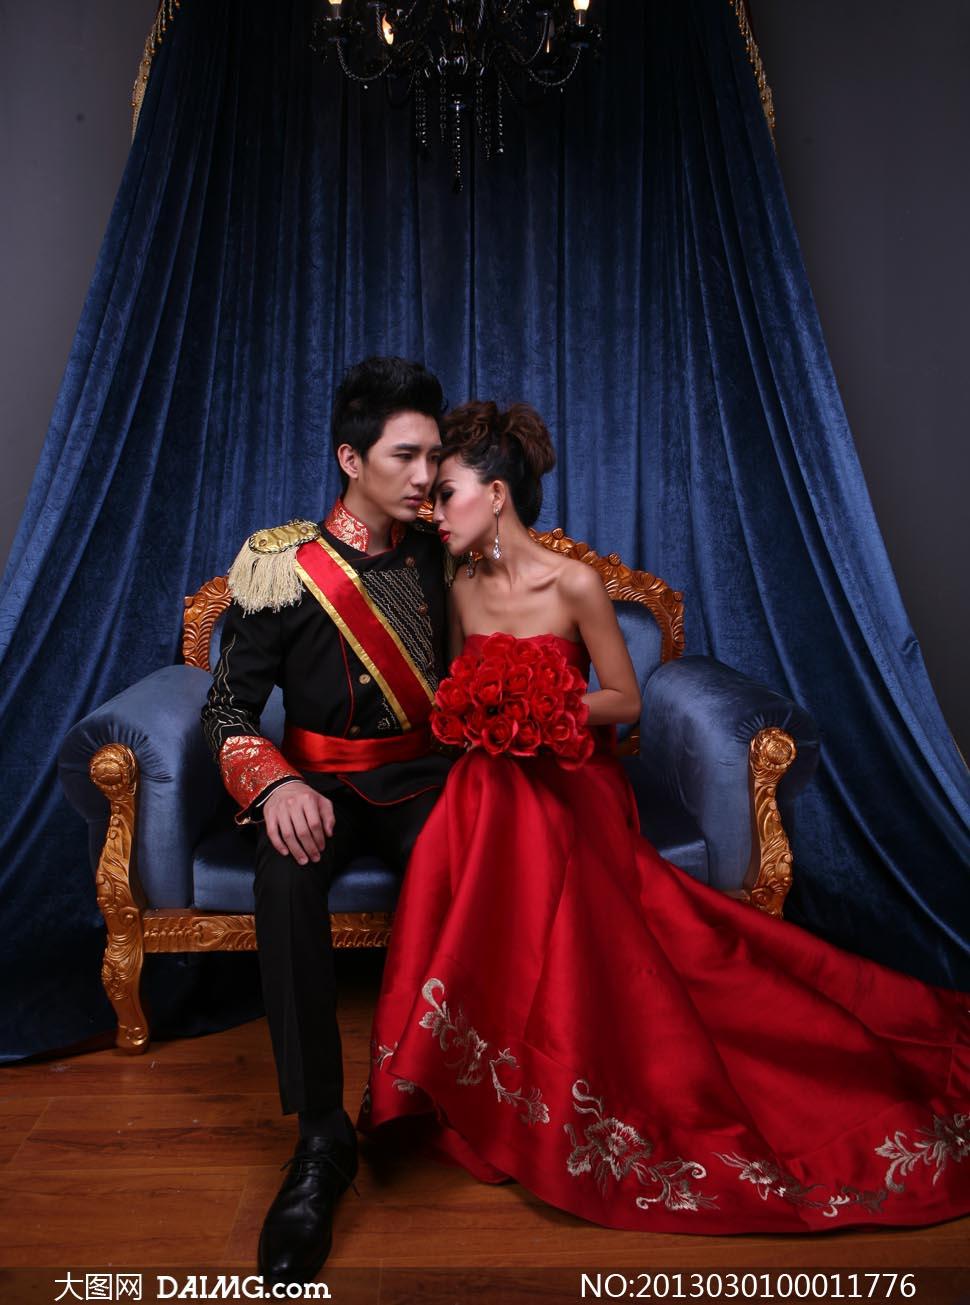 欧式风格婚纱摄影图片素材